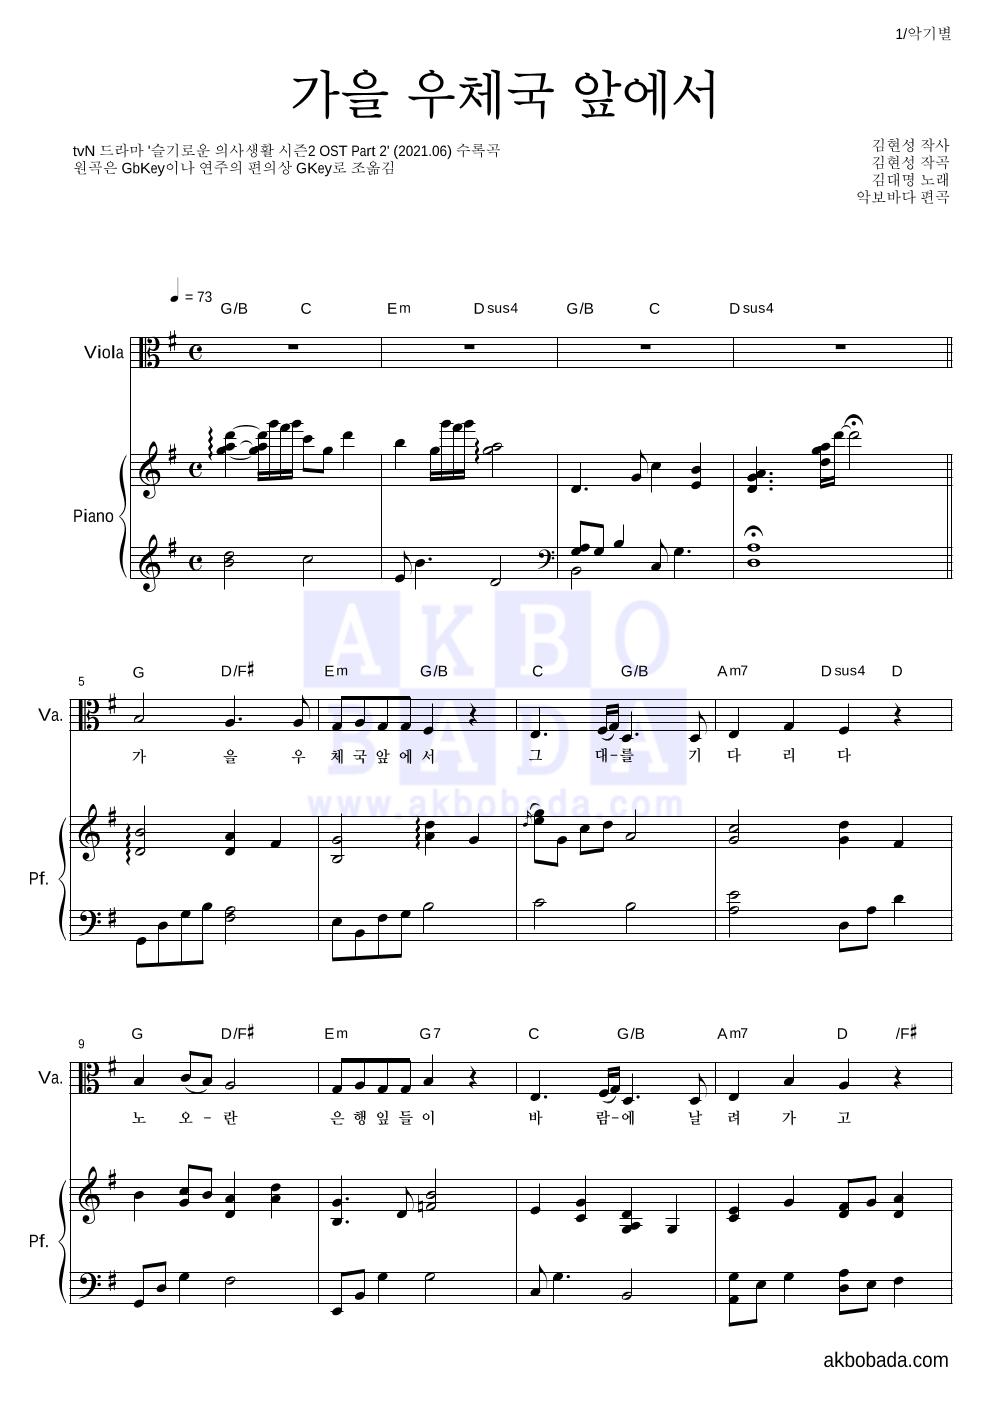 김대명 - 가을 우체국 앞에서 비올라&피아노 악보